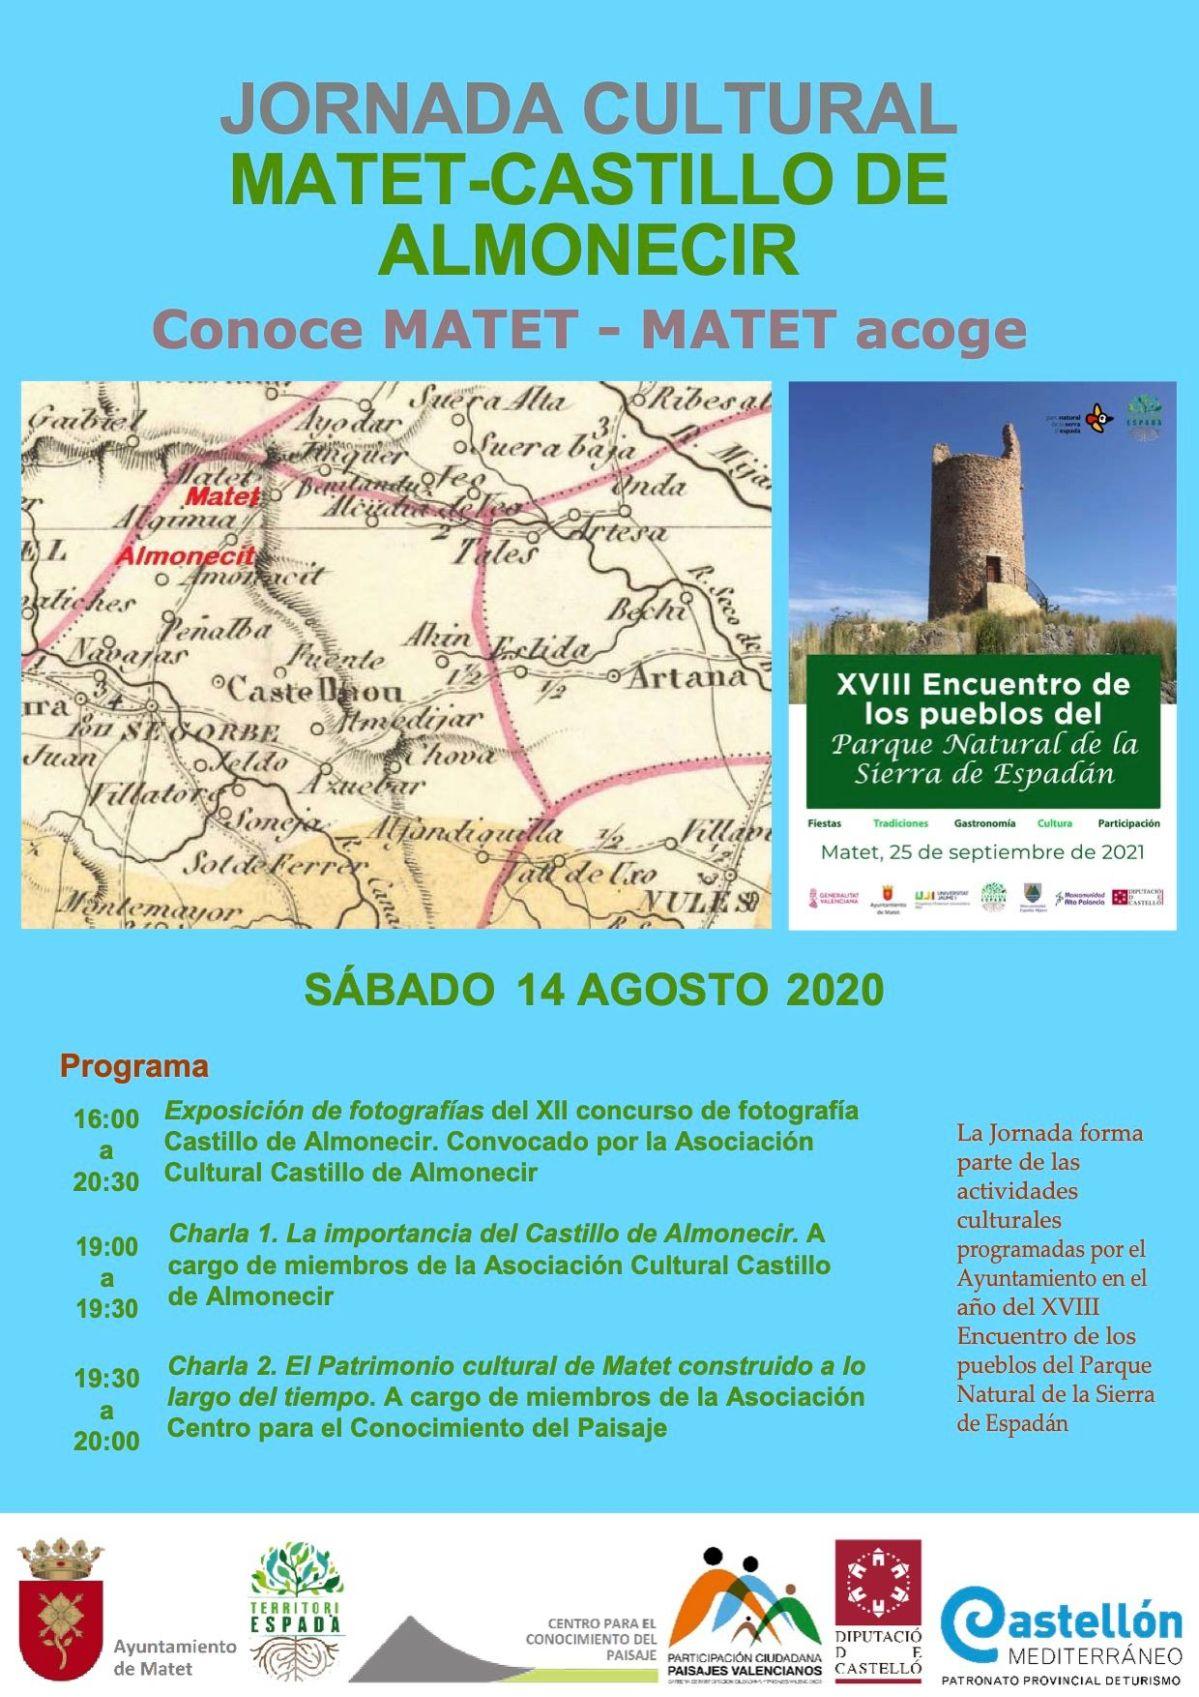 14 AGO 21-JORNADA CULTURAL MATET-CASTELL D'ALMONECIR